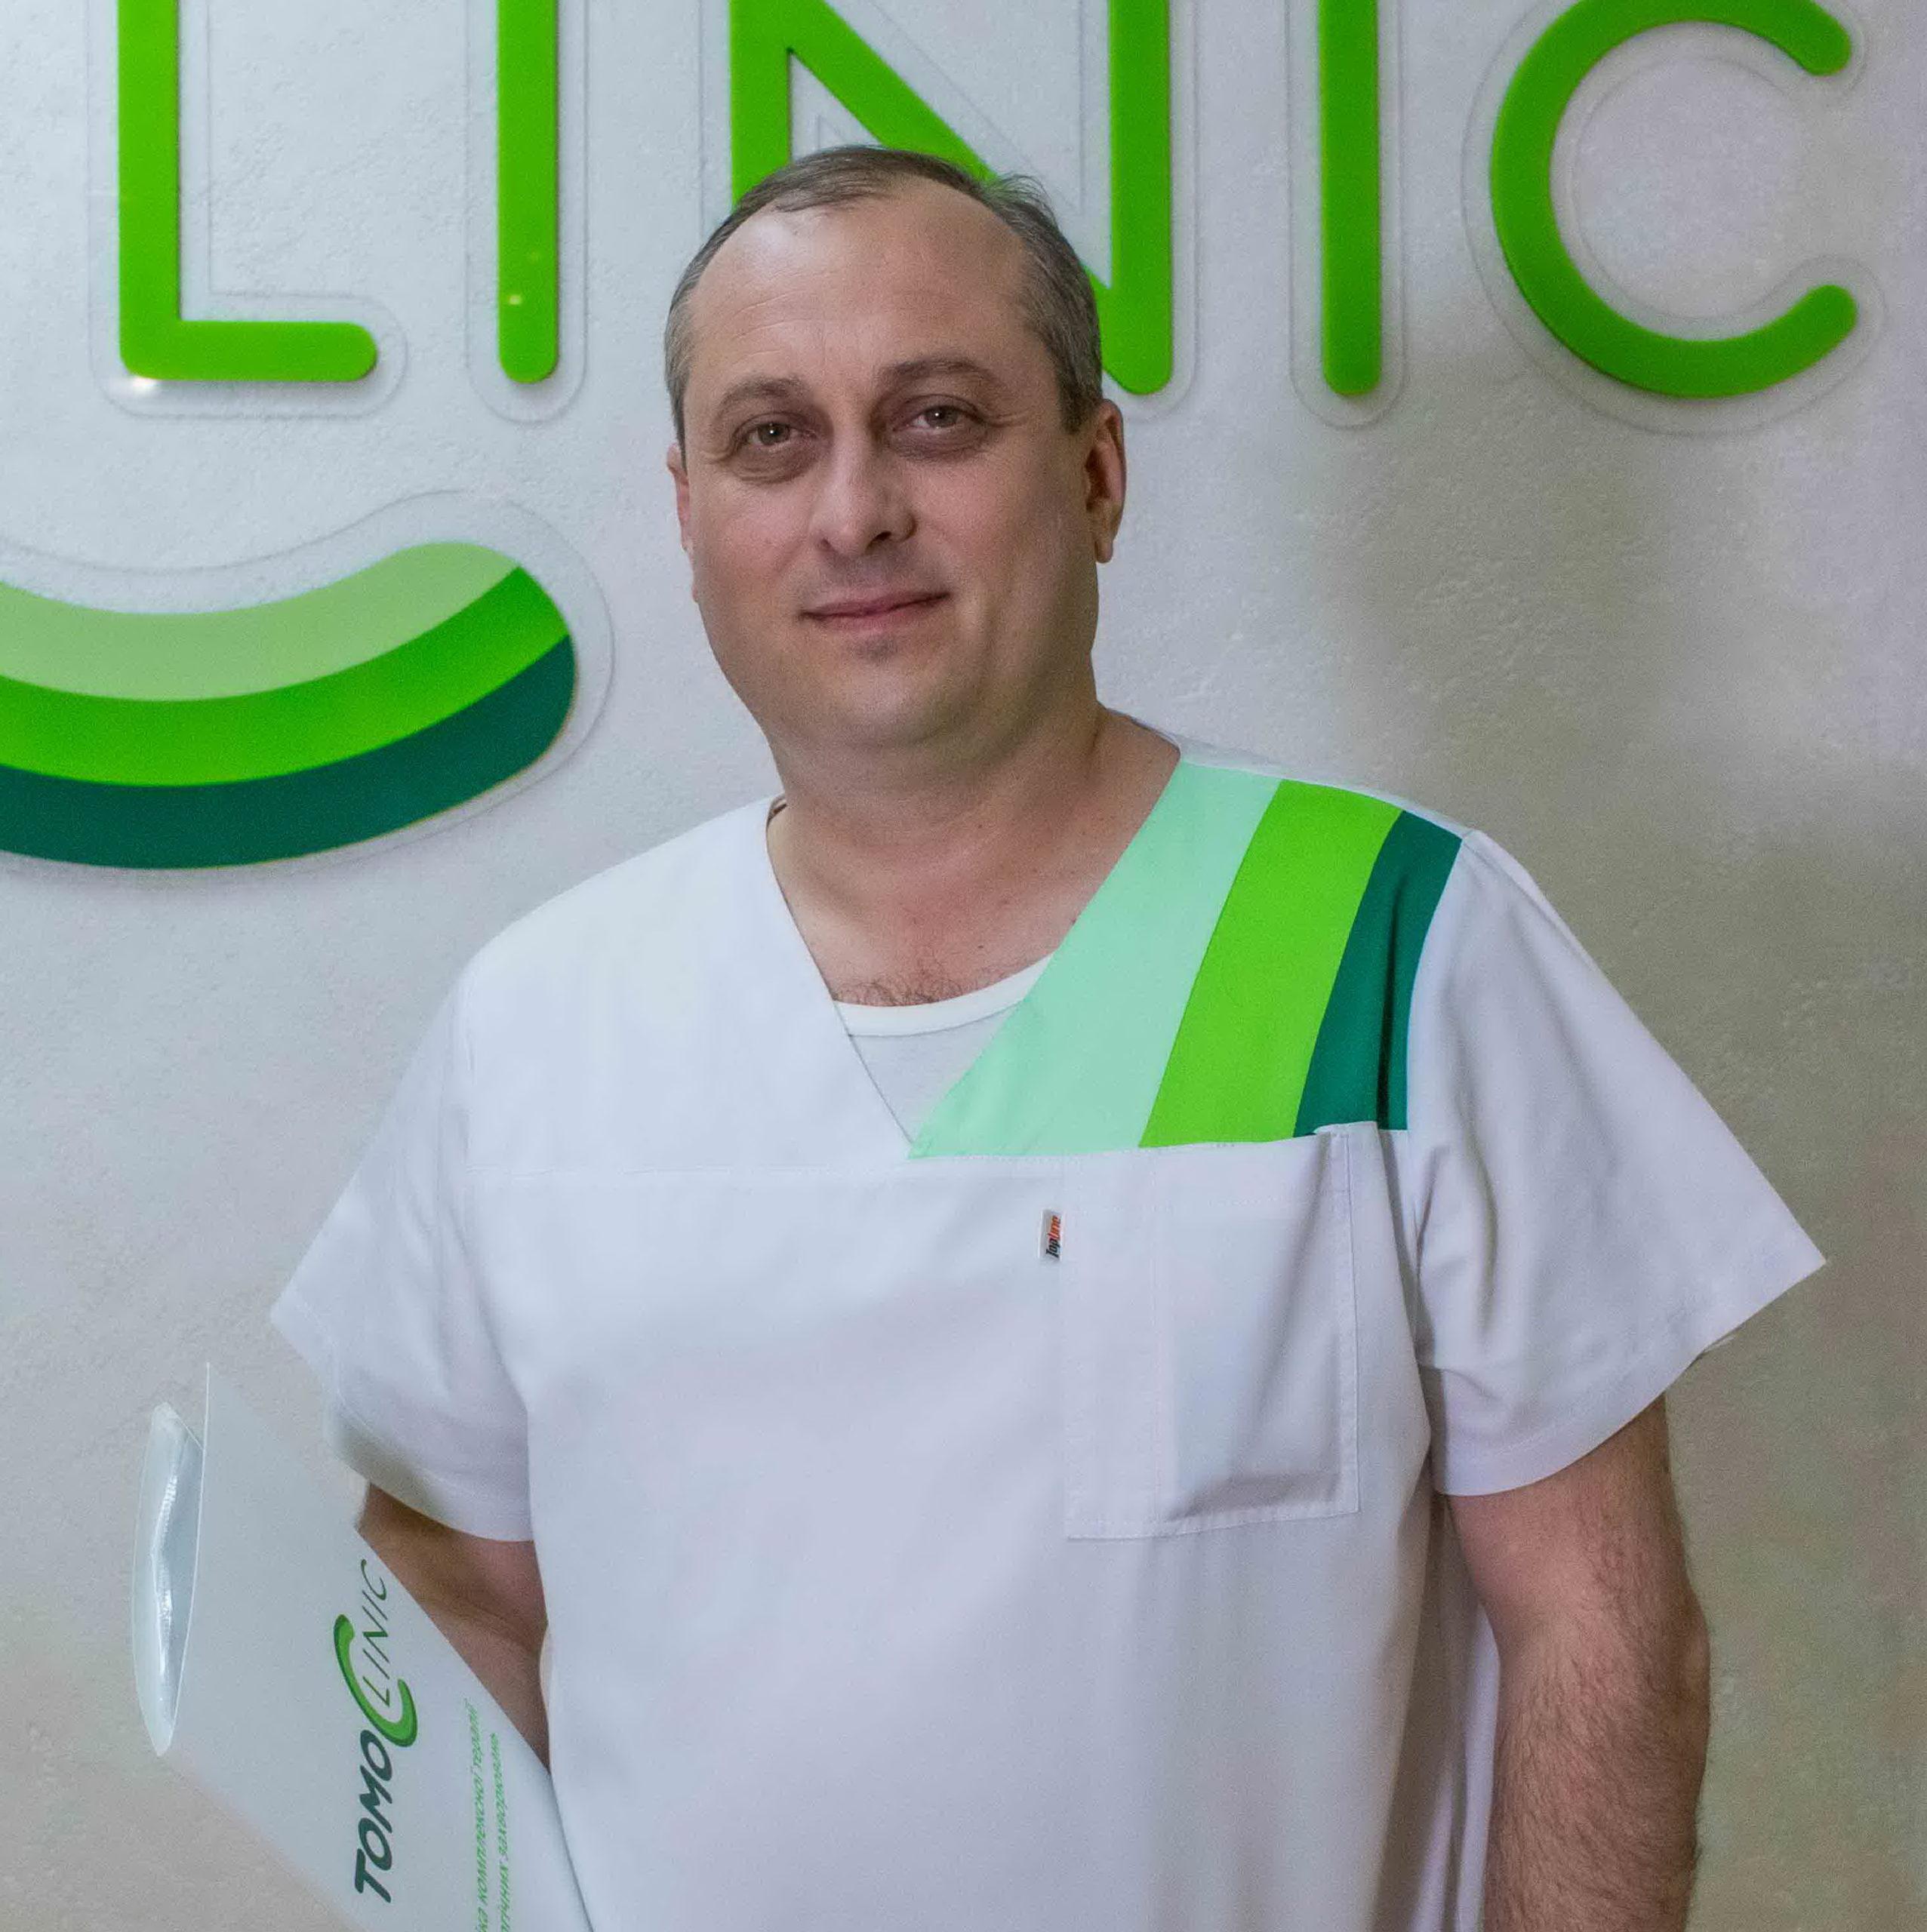 лікар-радіолог андрій воробйов